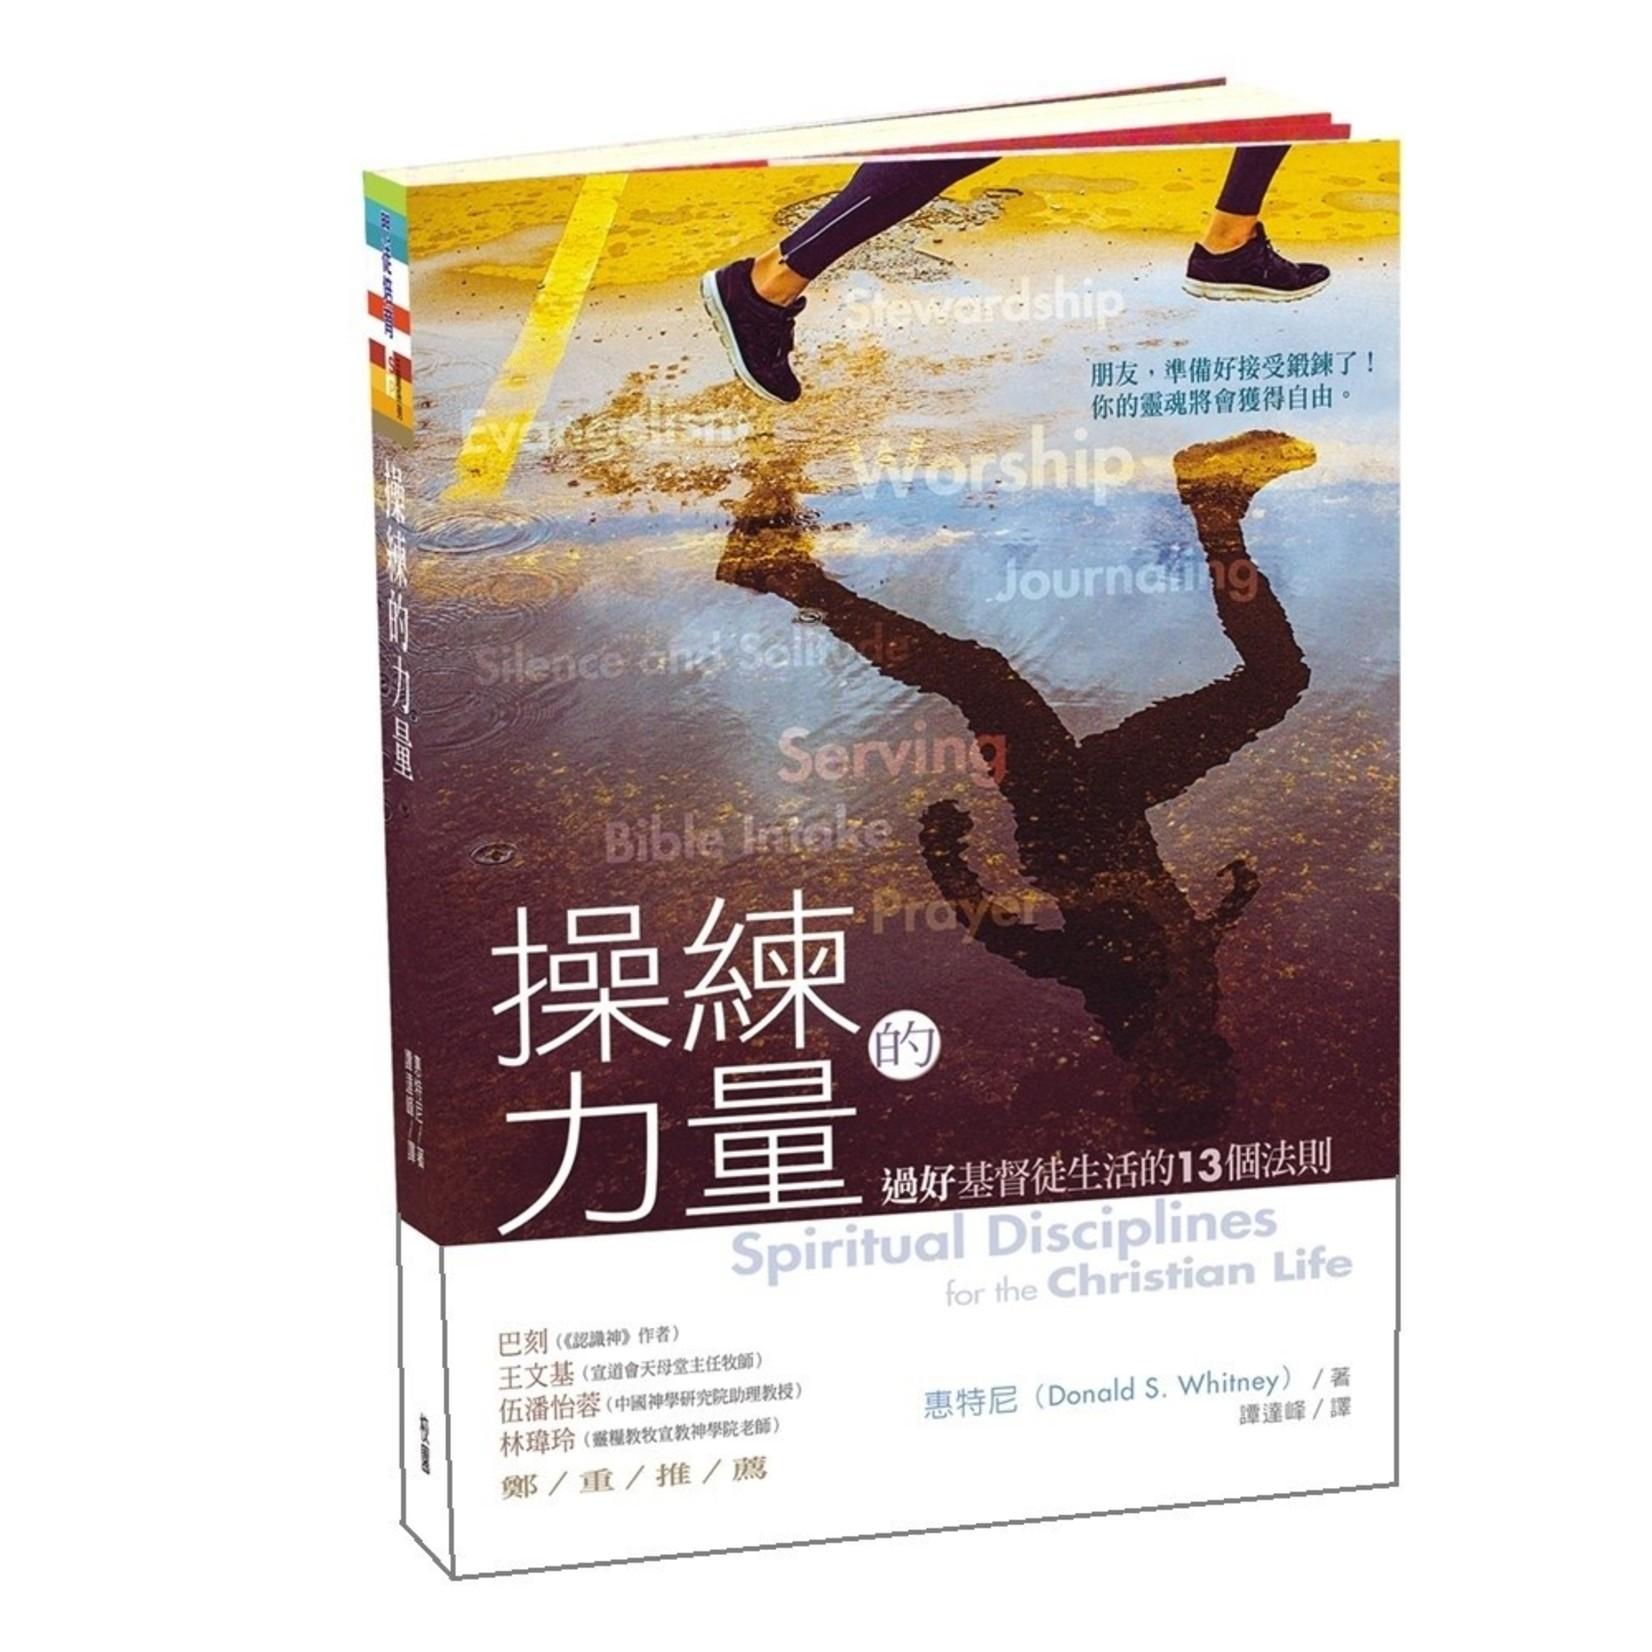 校園書房 Campus Books 操練的力量:過好基督徒生活的13個法則 Spiritual Disciplines for the Christian Life